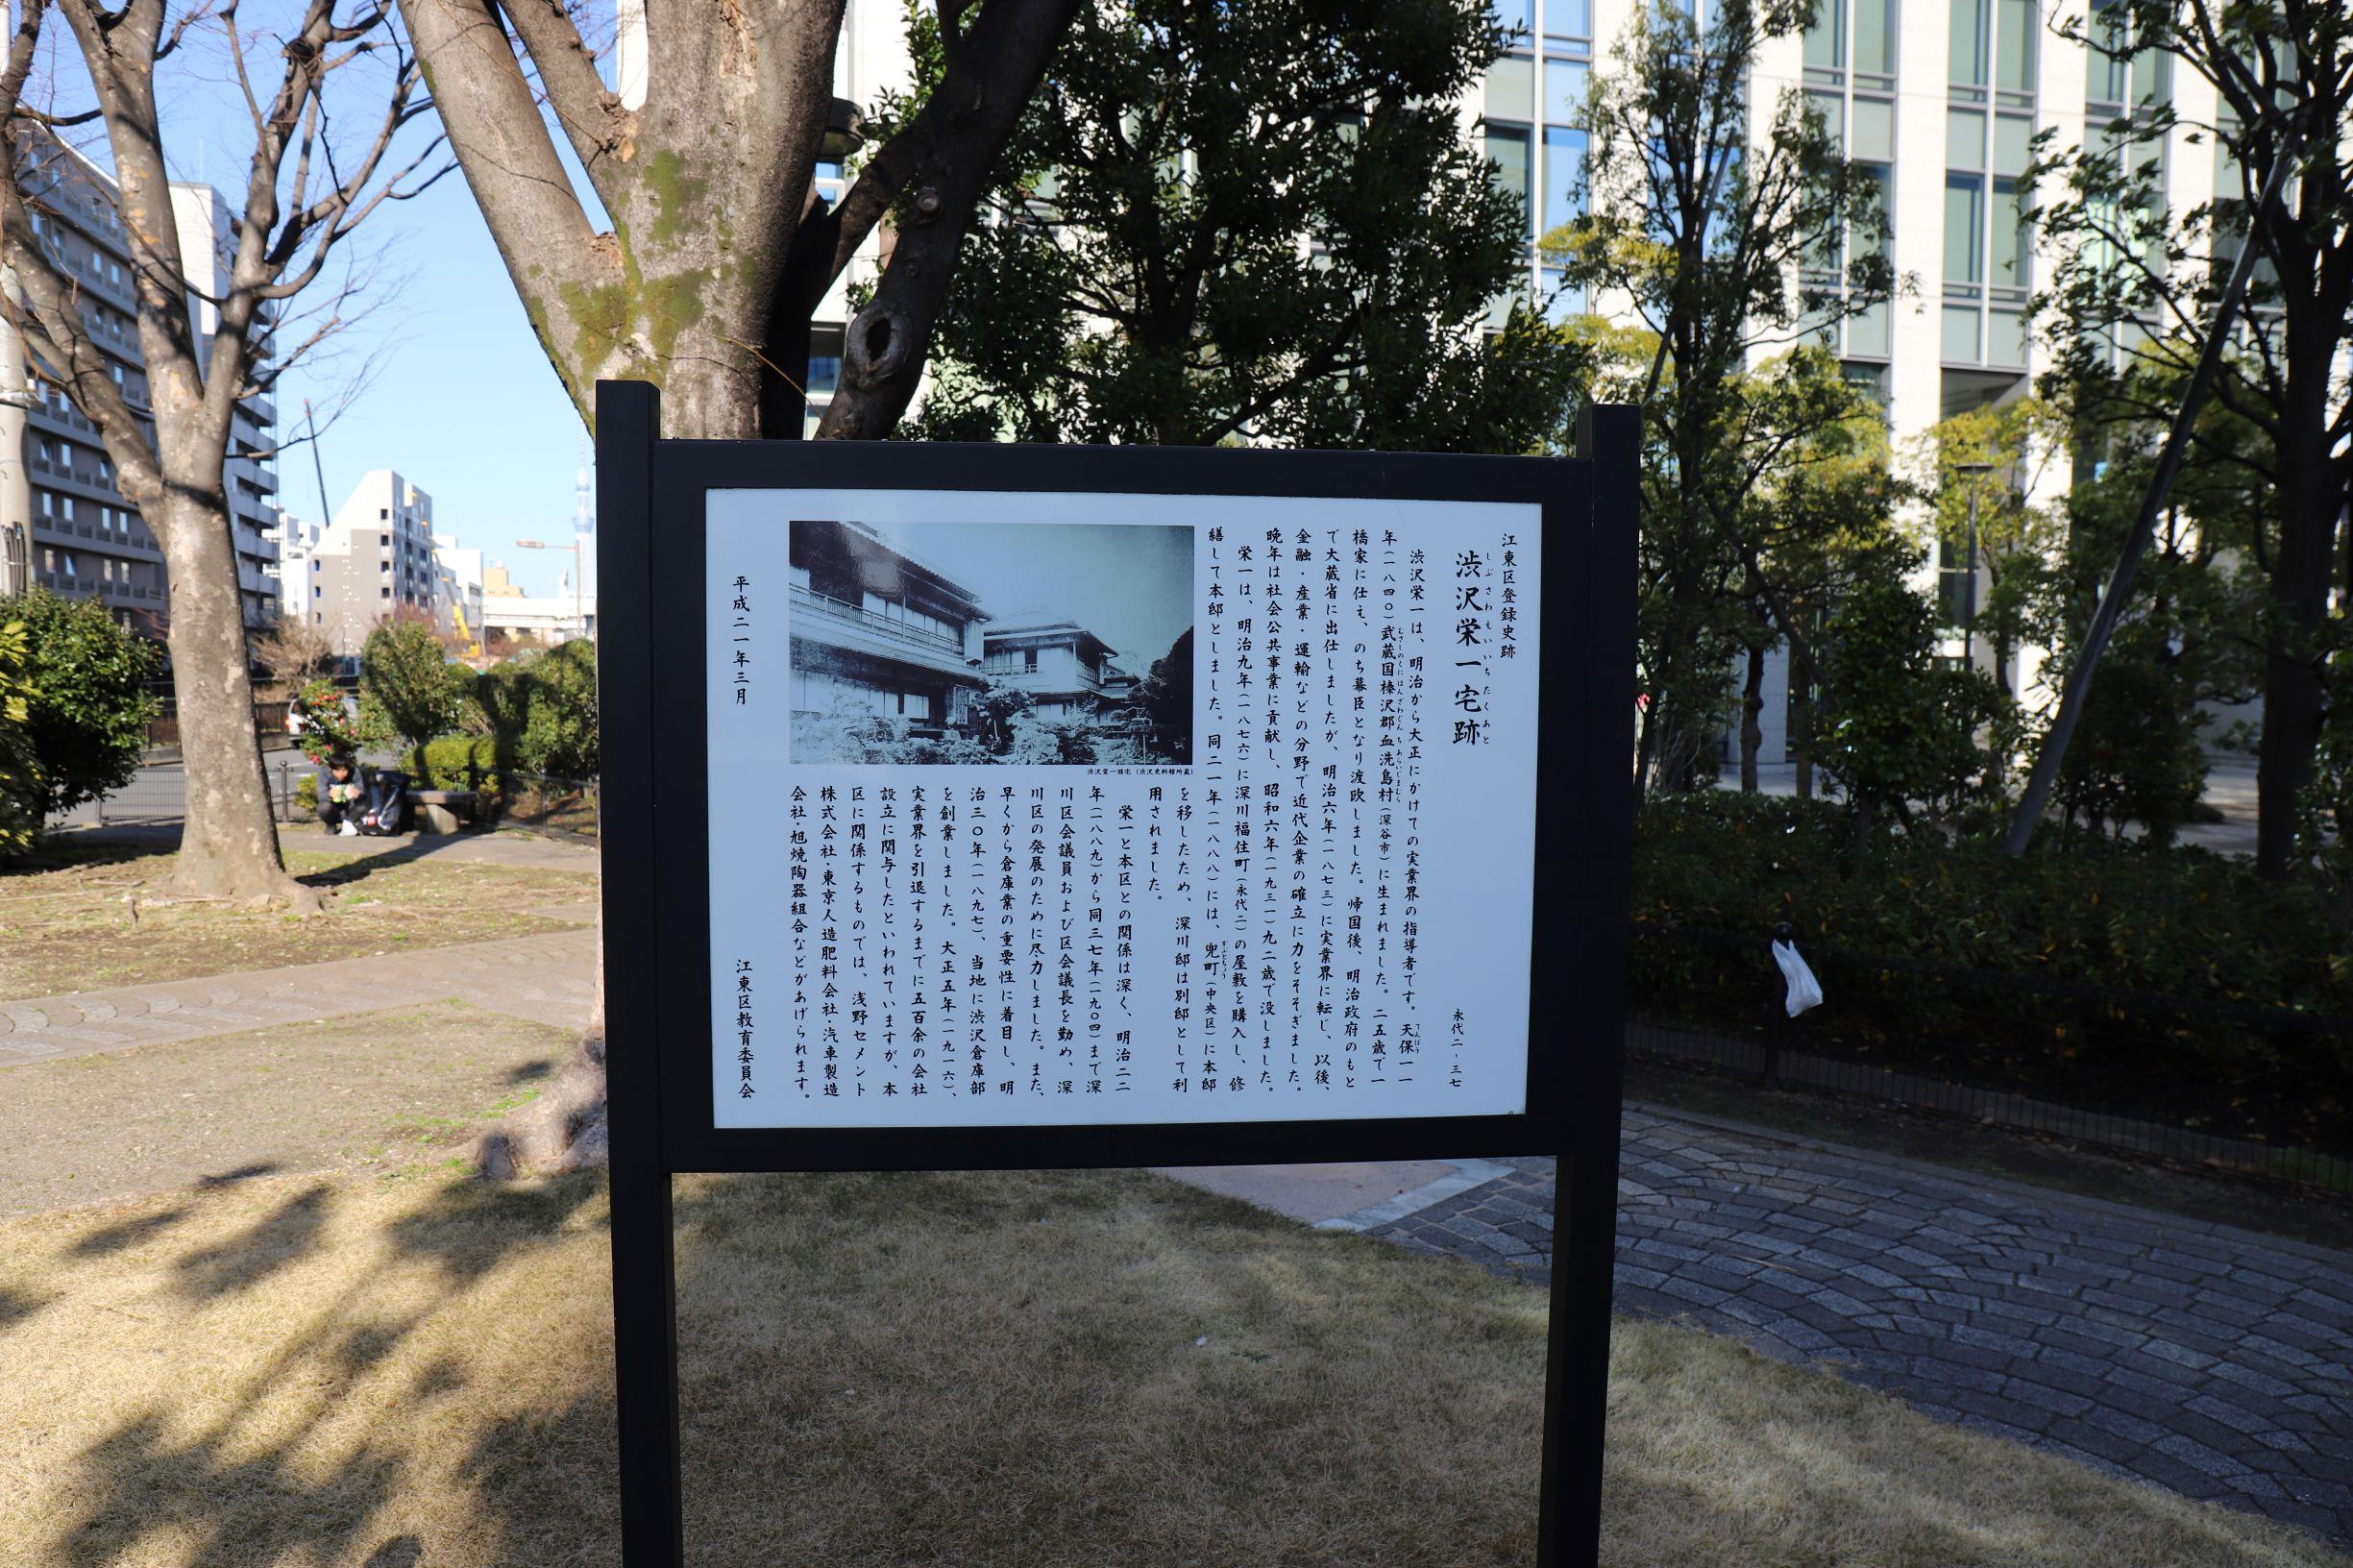 """[江东这个市镇那个人]在江东区文化旅游向导的会会长岩渕和惠江东区永代2丁目的""""涩泽荣一家遗迹。""""在2022年,决定在江东区潮见回家乡了。"""